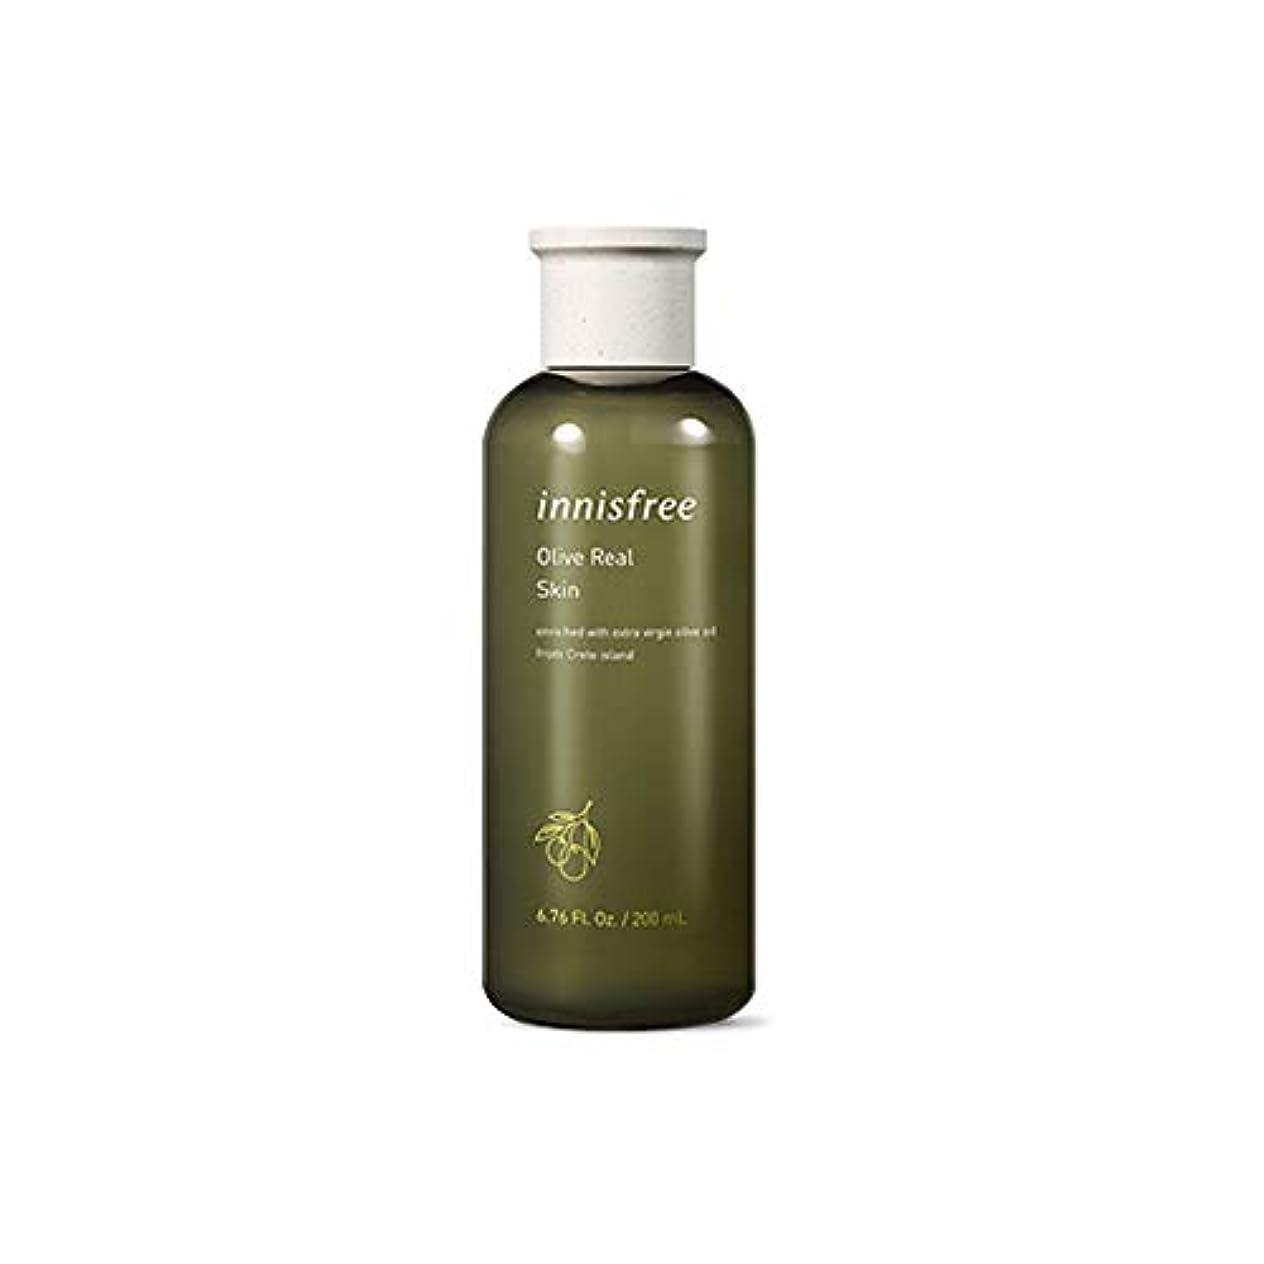 雨当社優しいNEW[イニスフリー] Innisfree オリーブ リアル スキンEX (200ml) Innisfree Olive Real Skin EX(200ml) [海外直送品]